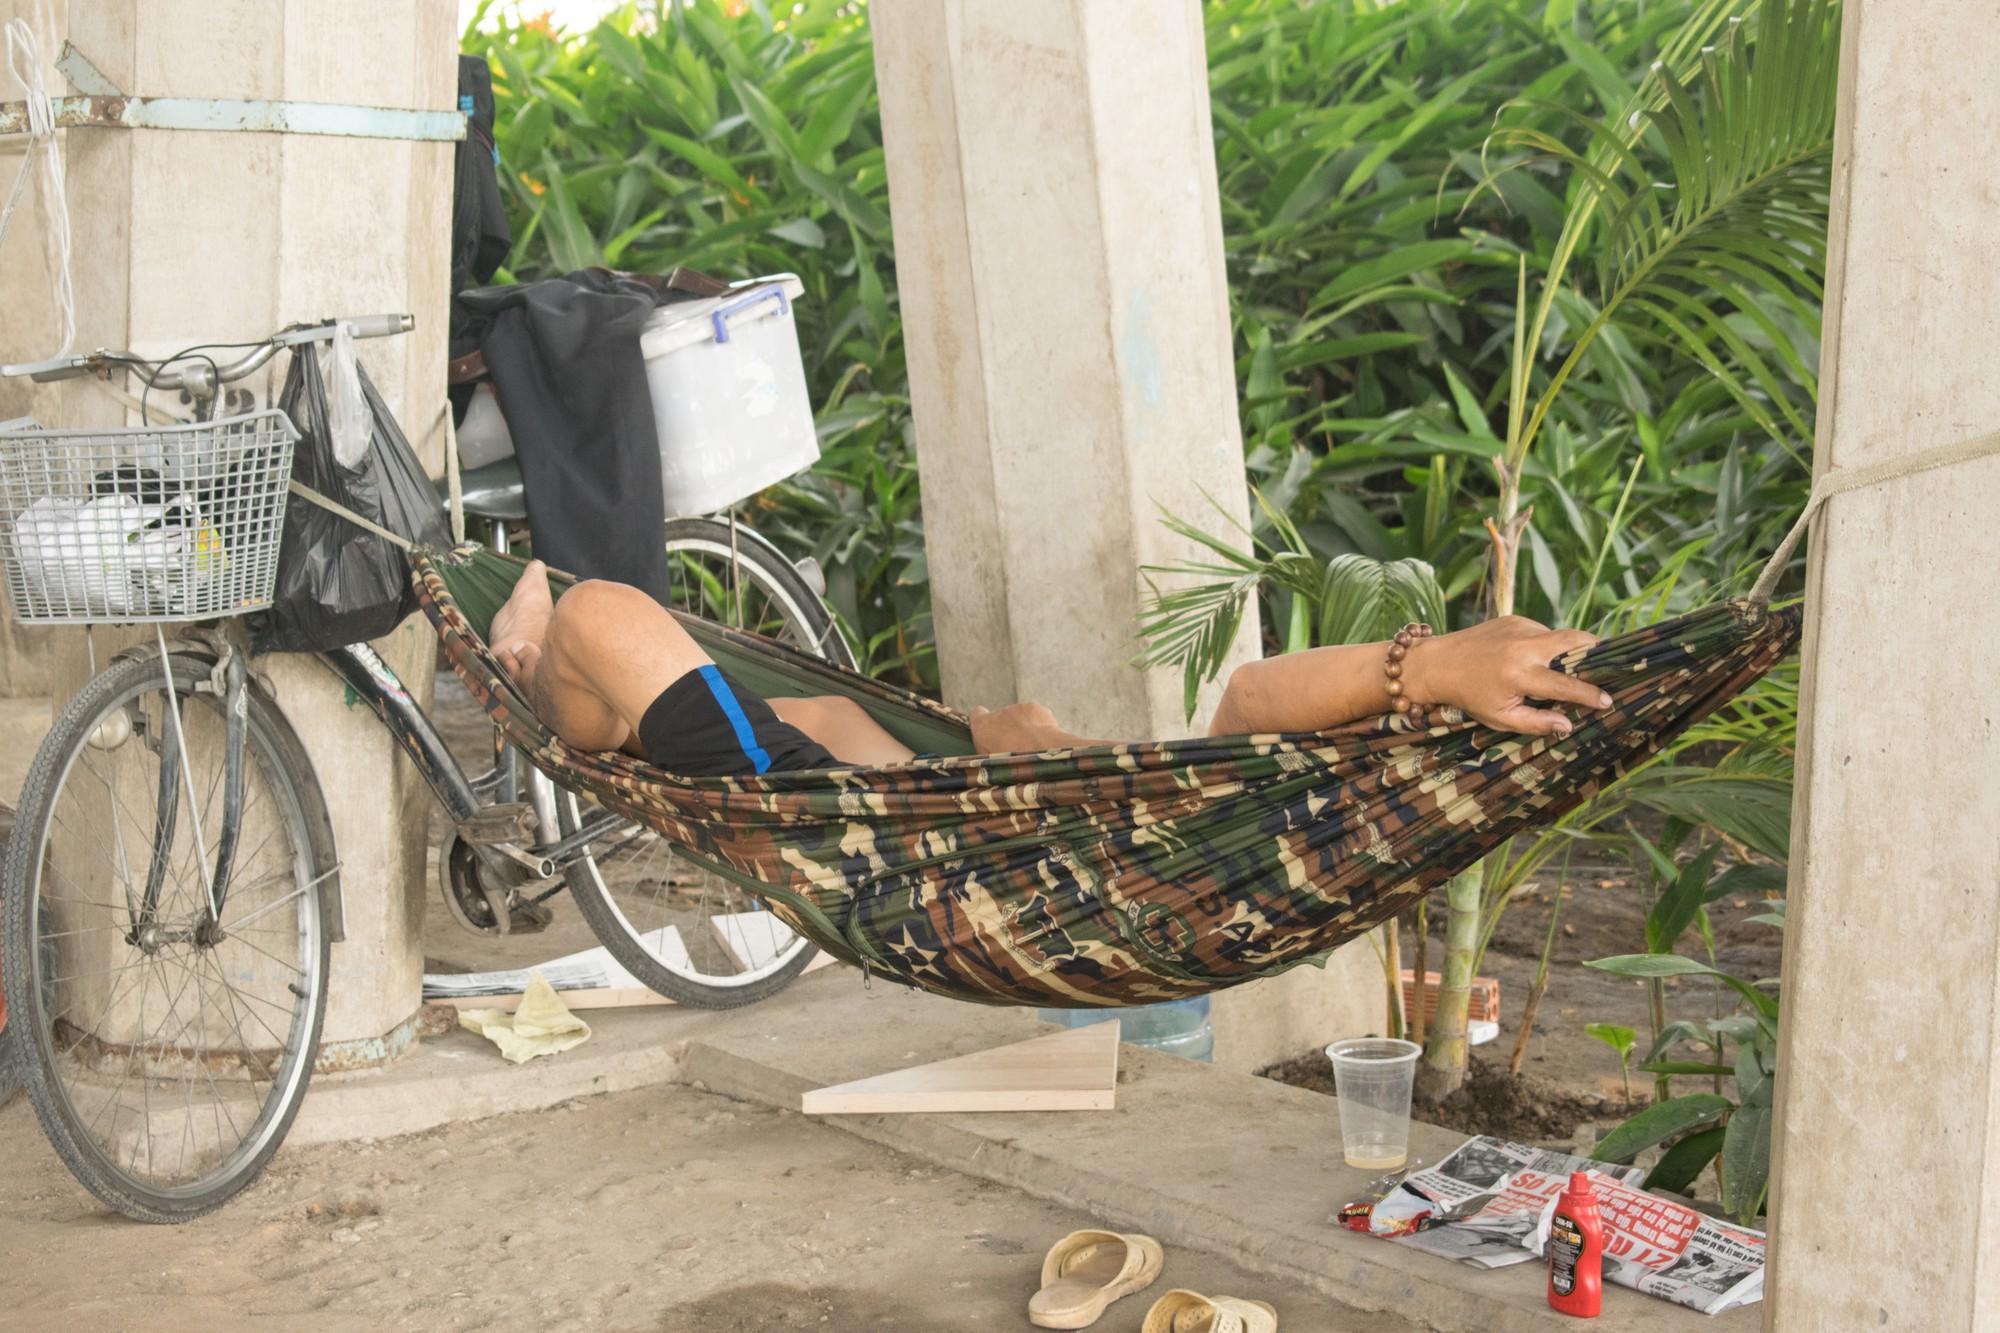 Sài Gòn nóng gần 40 độ C: Người dân xuống gầm cầu mắc võng ngủ trưa - Ảnh 5.